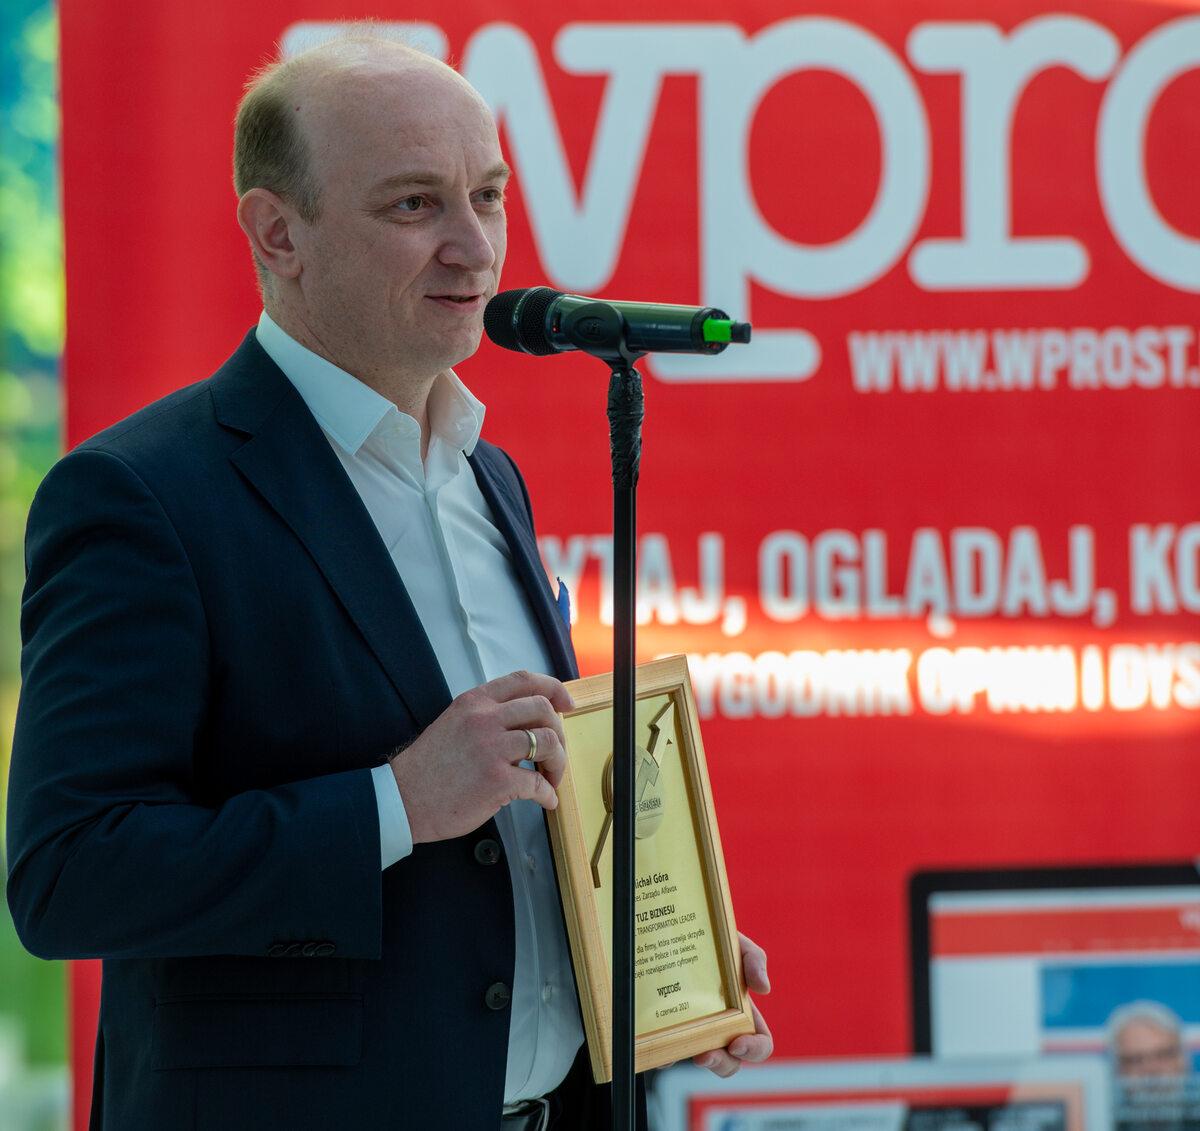 Prezes Alfavox Michał Góra